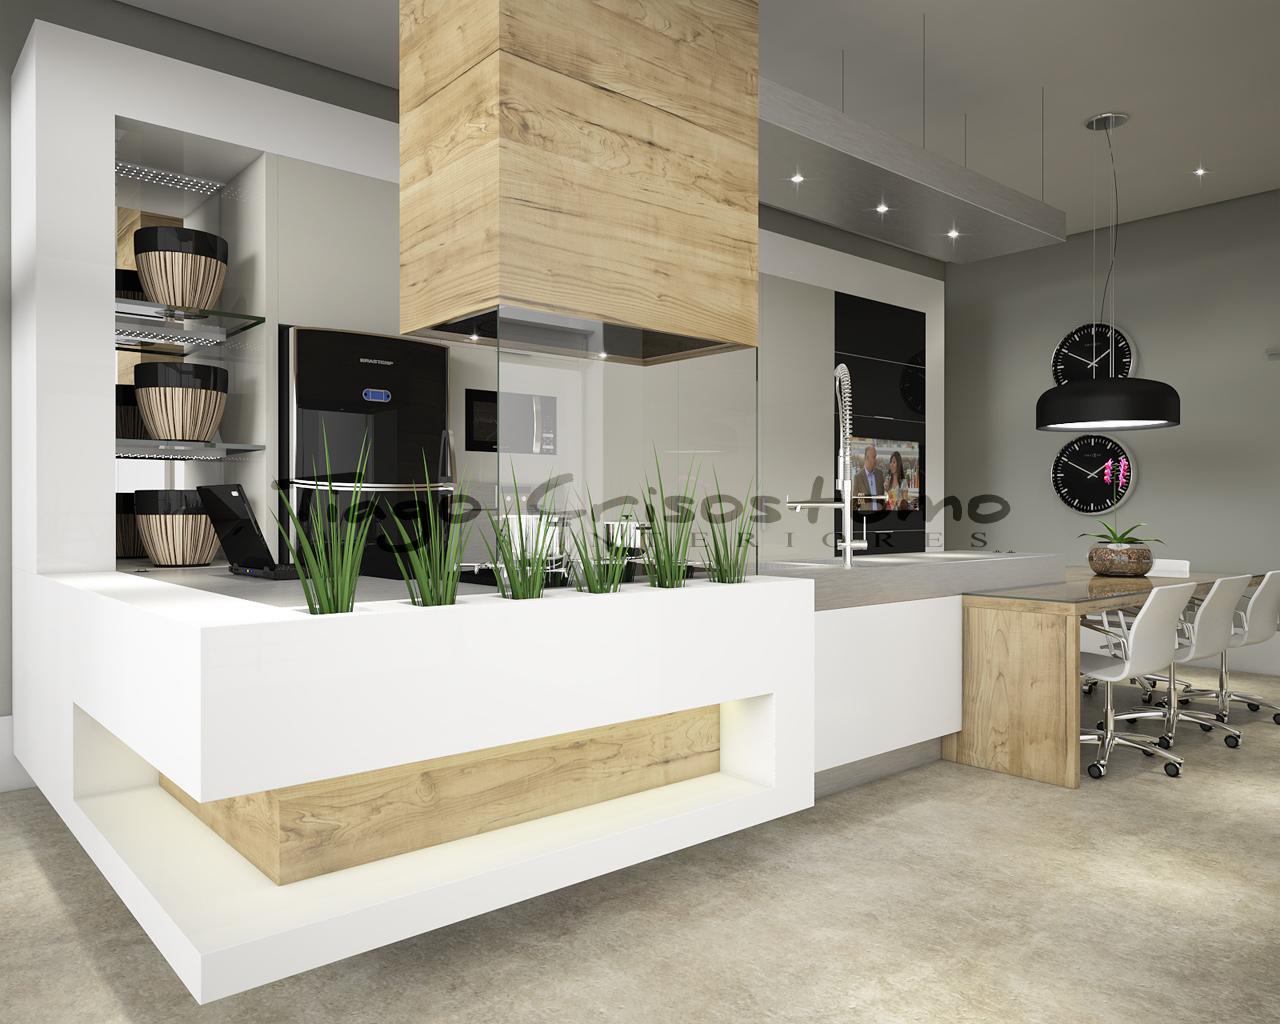 SketchUp Brasil 3D para todos Cozinha em estilo italiano [Fórum  #4B6134 1280 1024